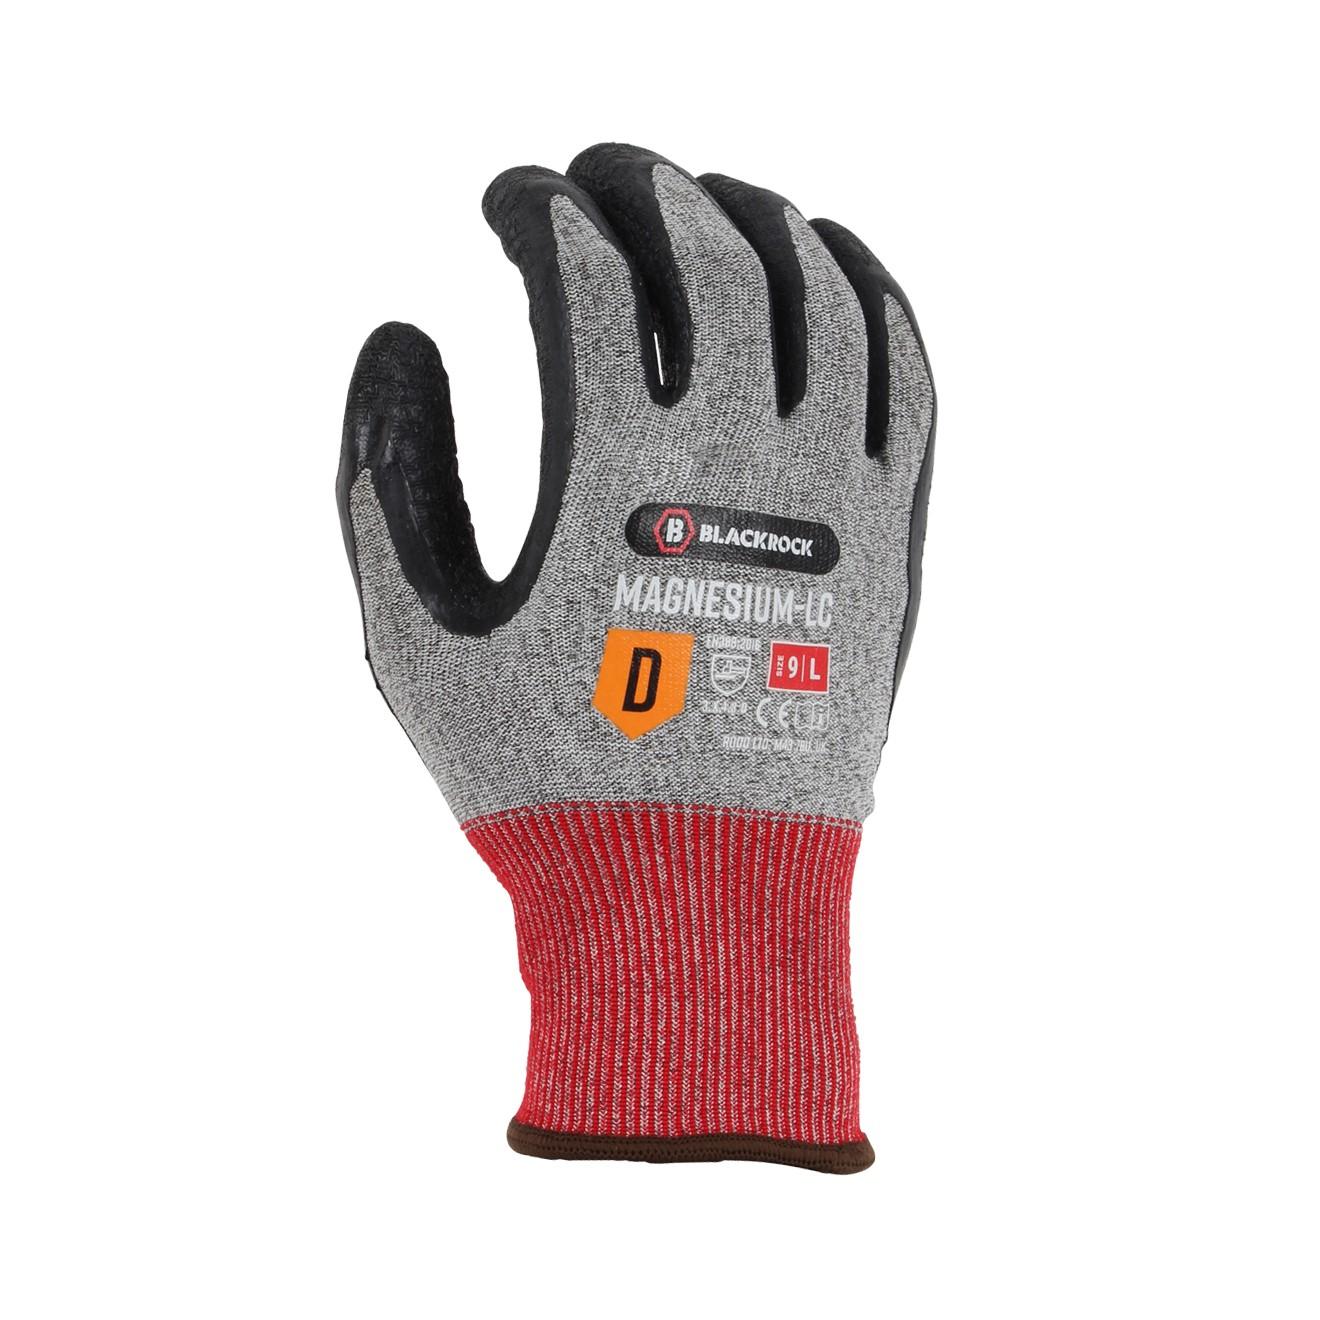 Magnesium-LC Cut Resistant Glove